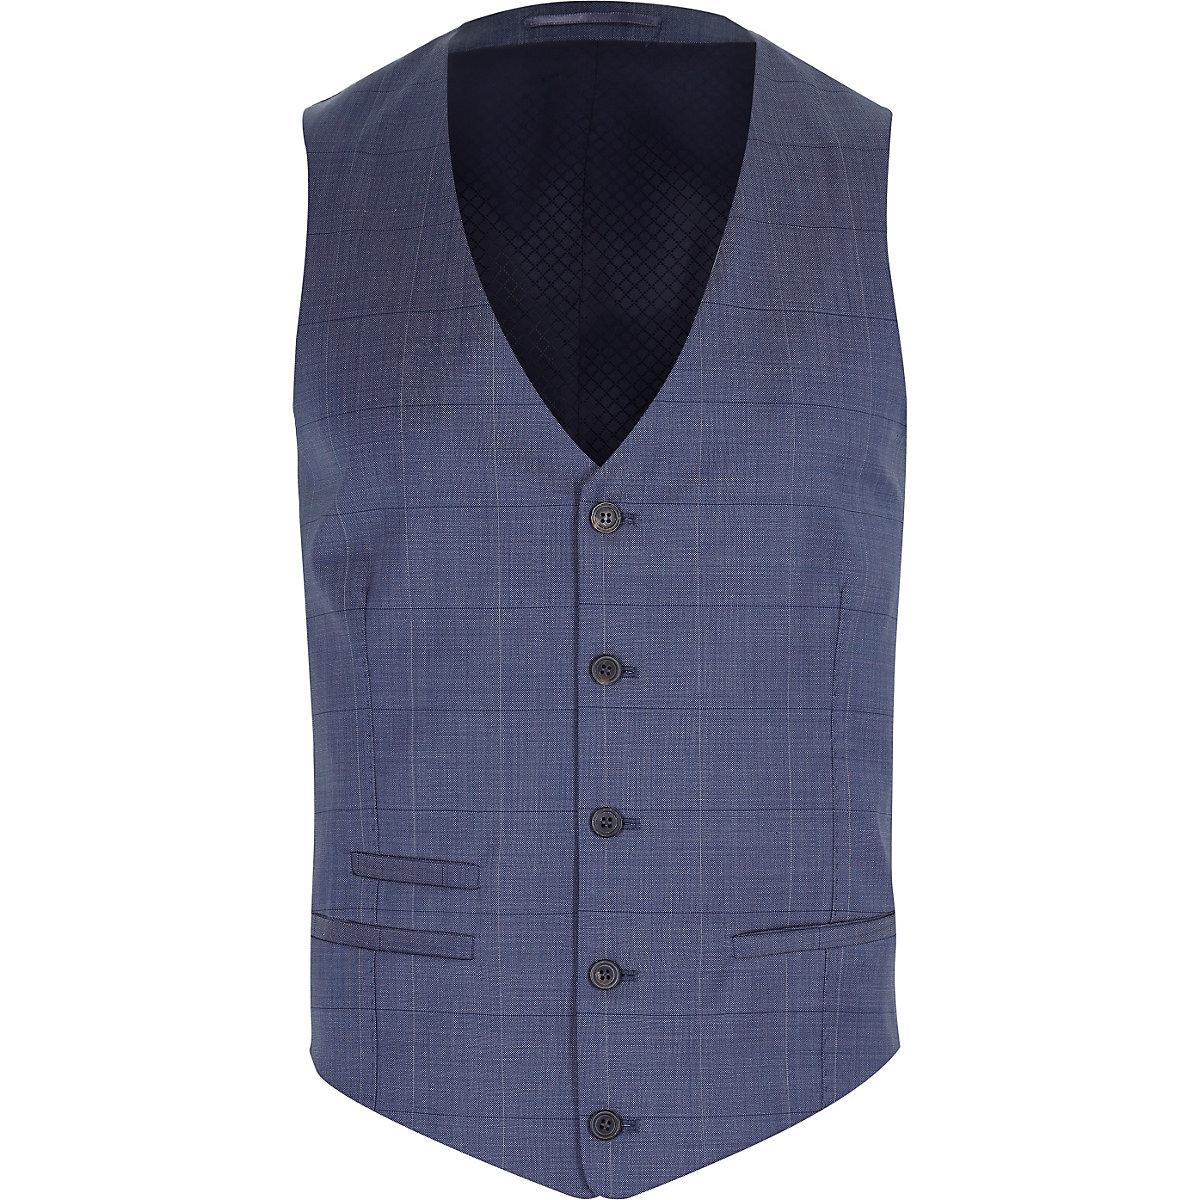 Blaue Weste mit dezenten Karos aus Wollmischung